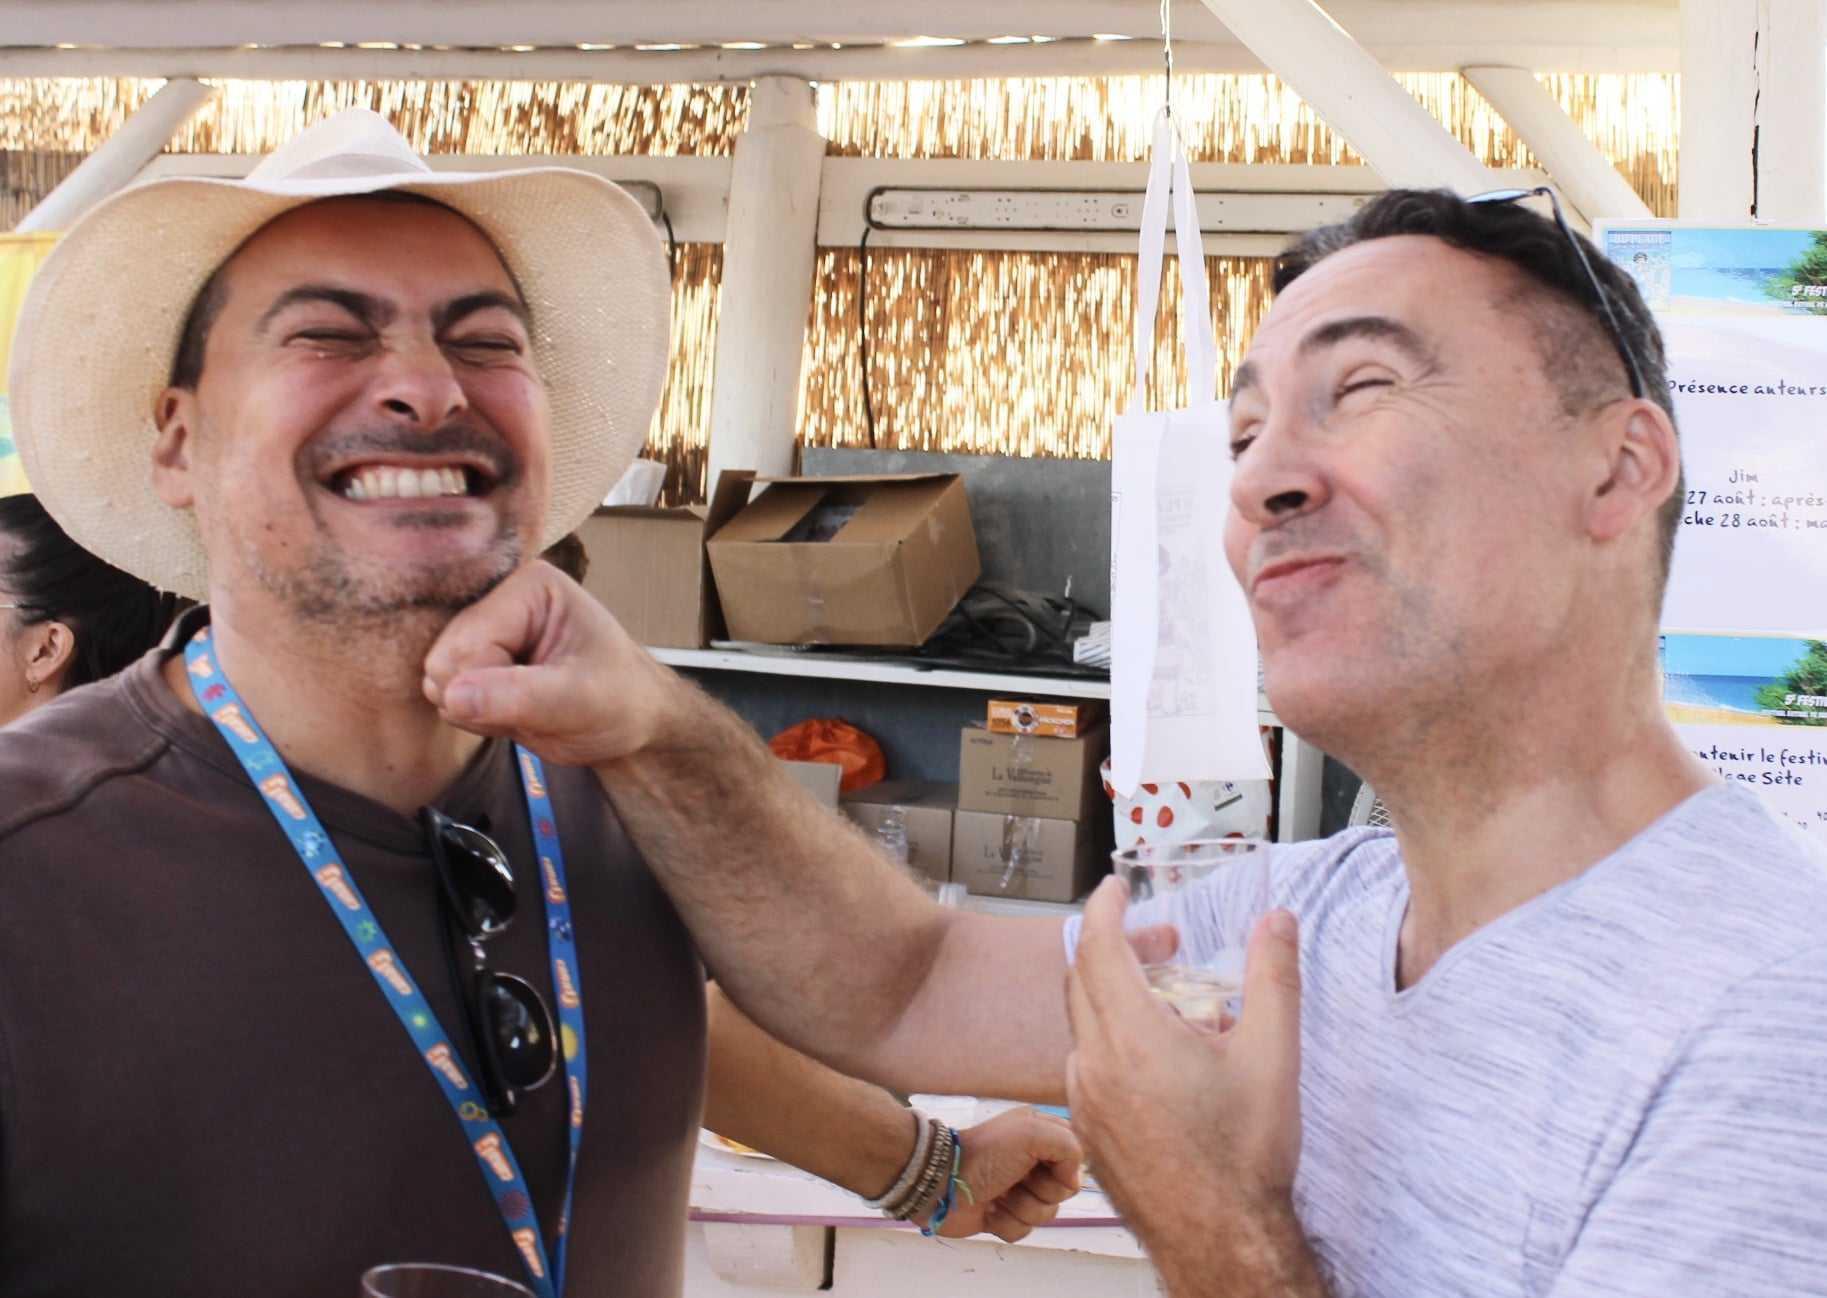 BD Plage à Sète, rendez-vous les 26 et 27 août avec Willem président et à l'affiche